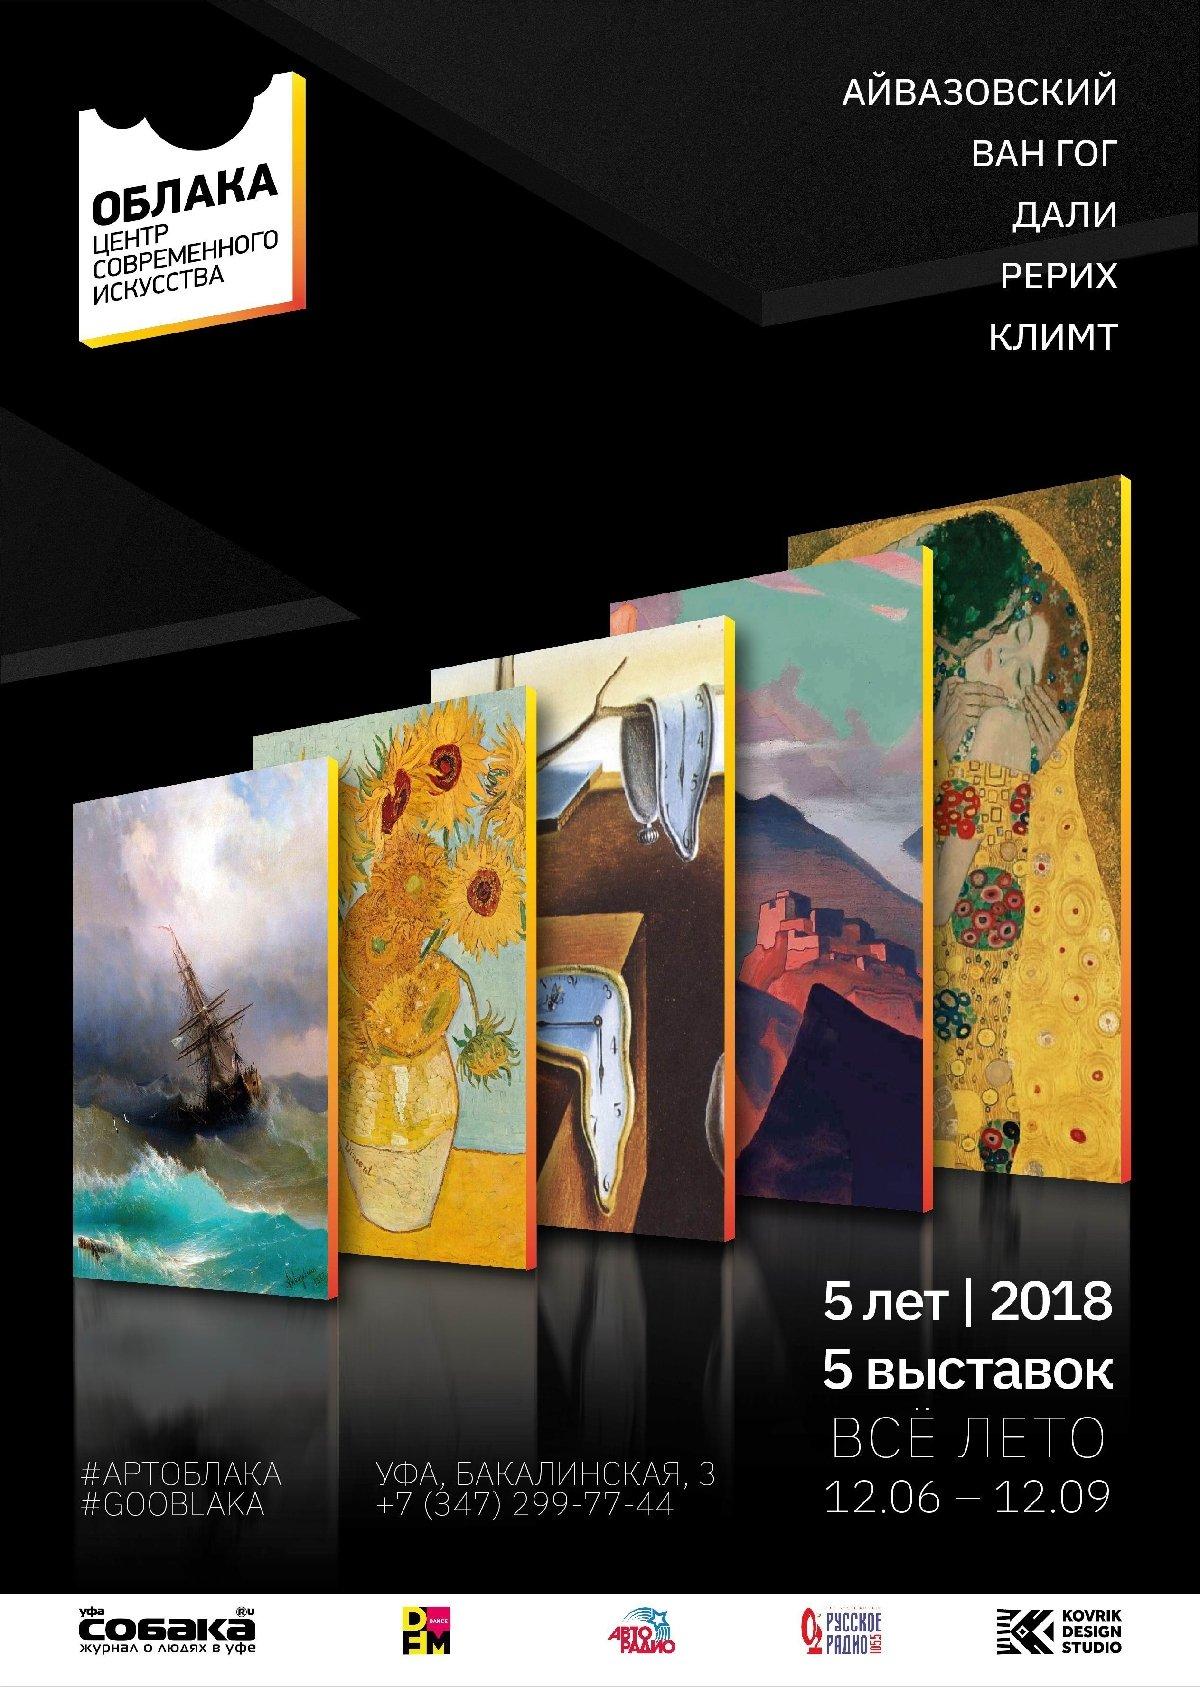 5 выставок впреддверии 5-летия Центра современного искусства «Облака»